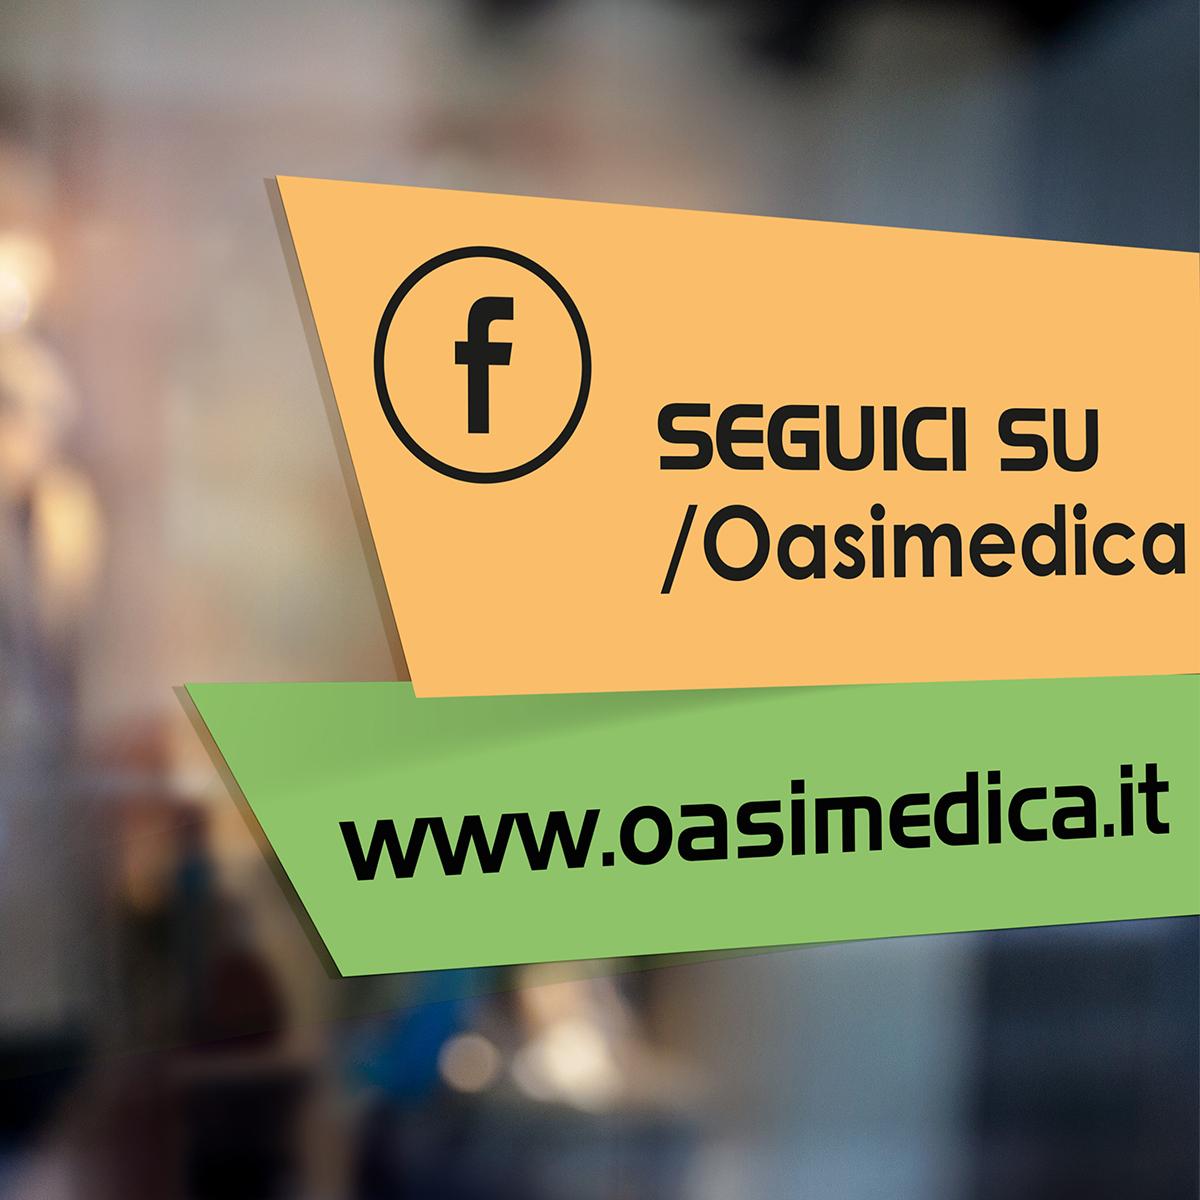 gallery_1200x1200_oasimedica_0000_Oasimedica vetrofanie